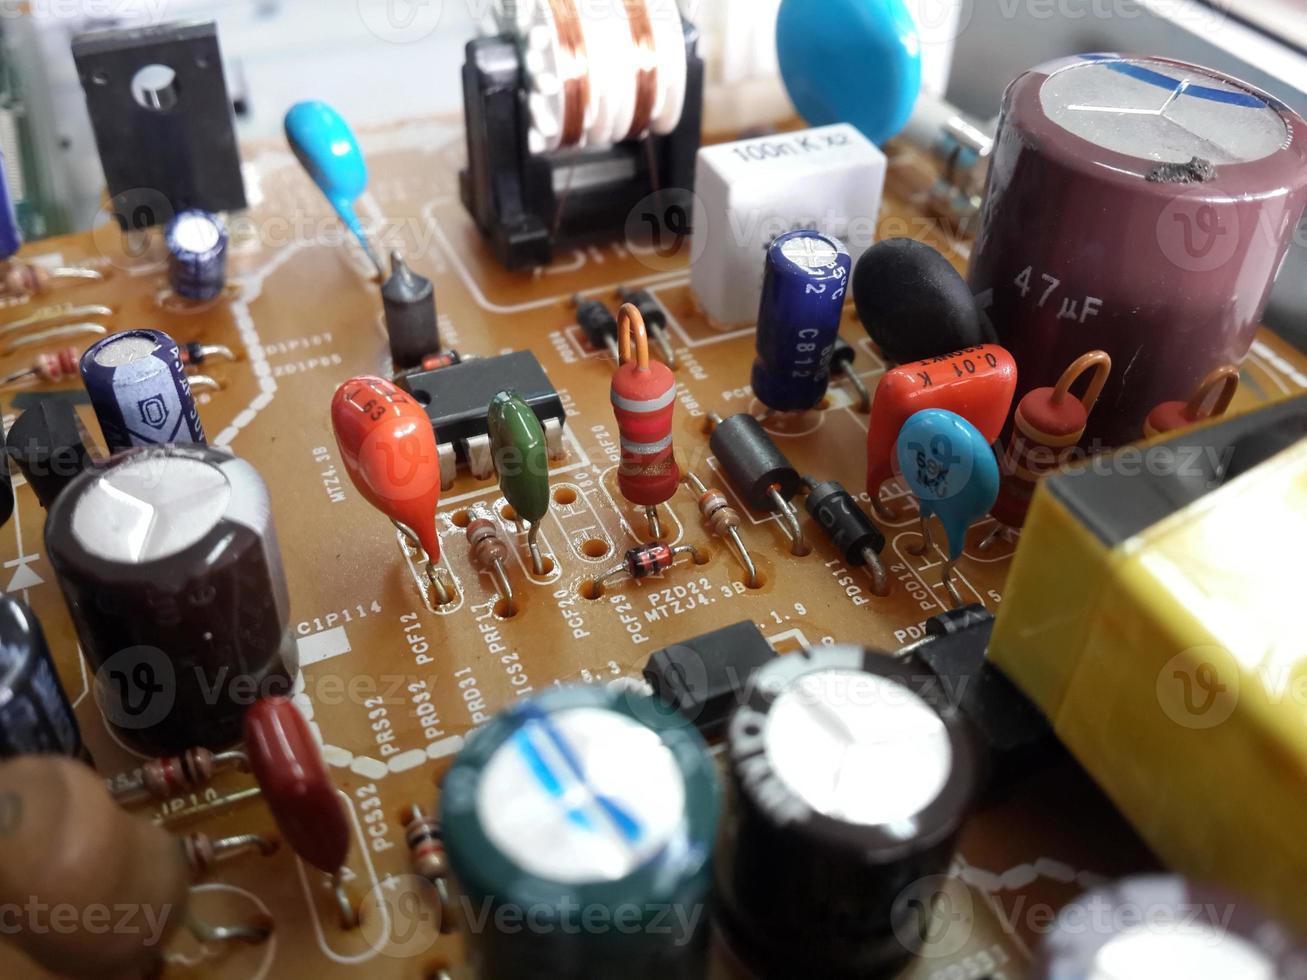 la resistenza rossa sul circuito stampato include la parte elettrica foto